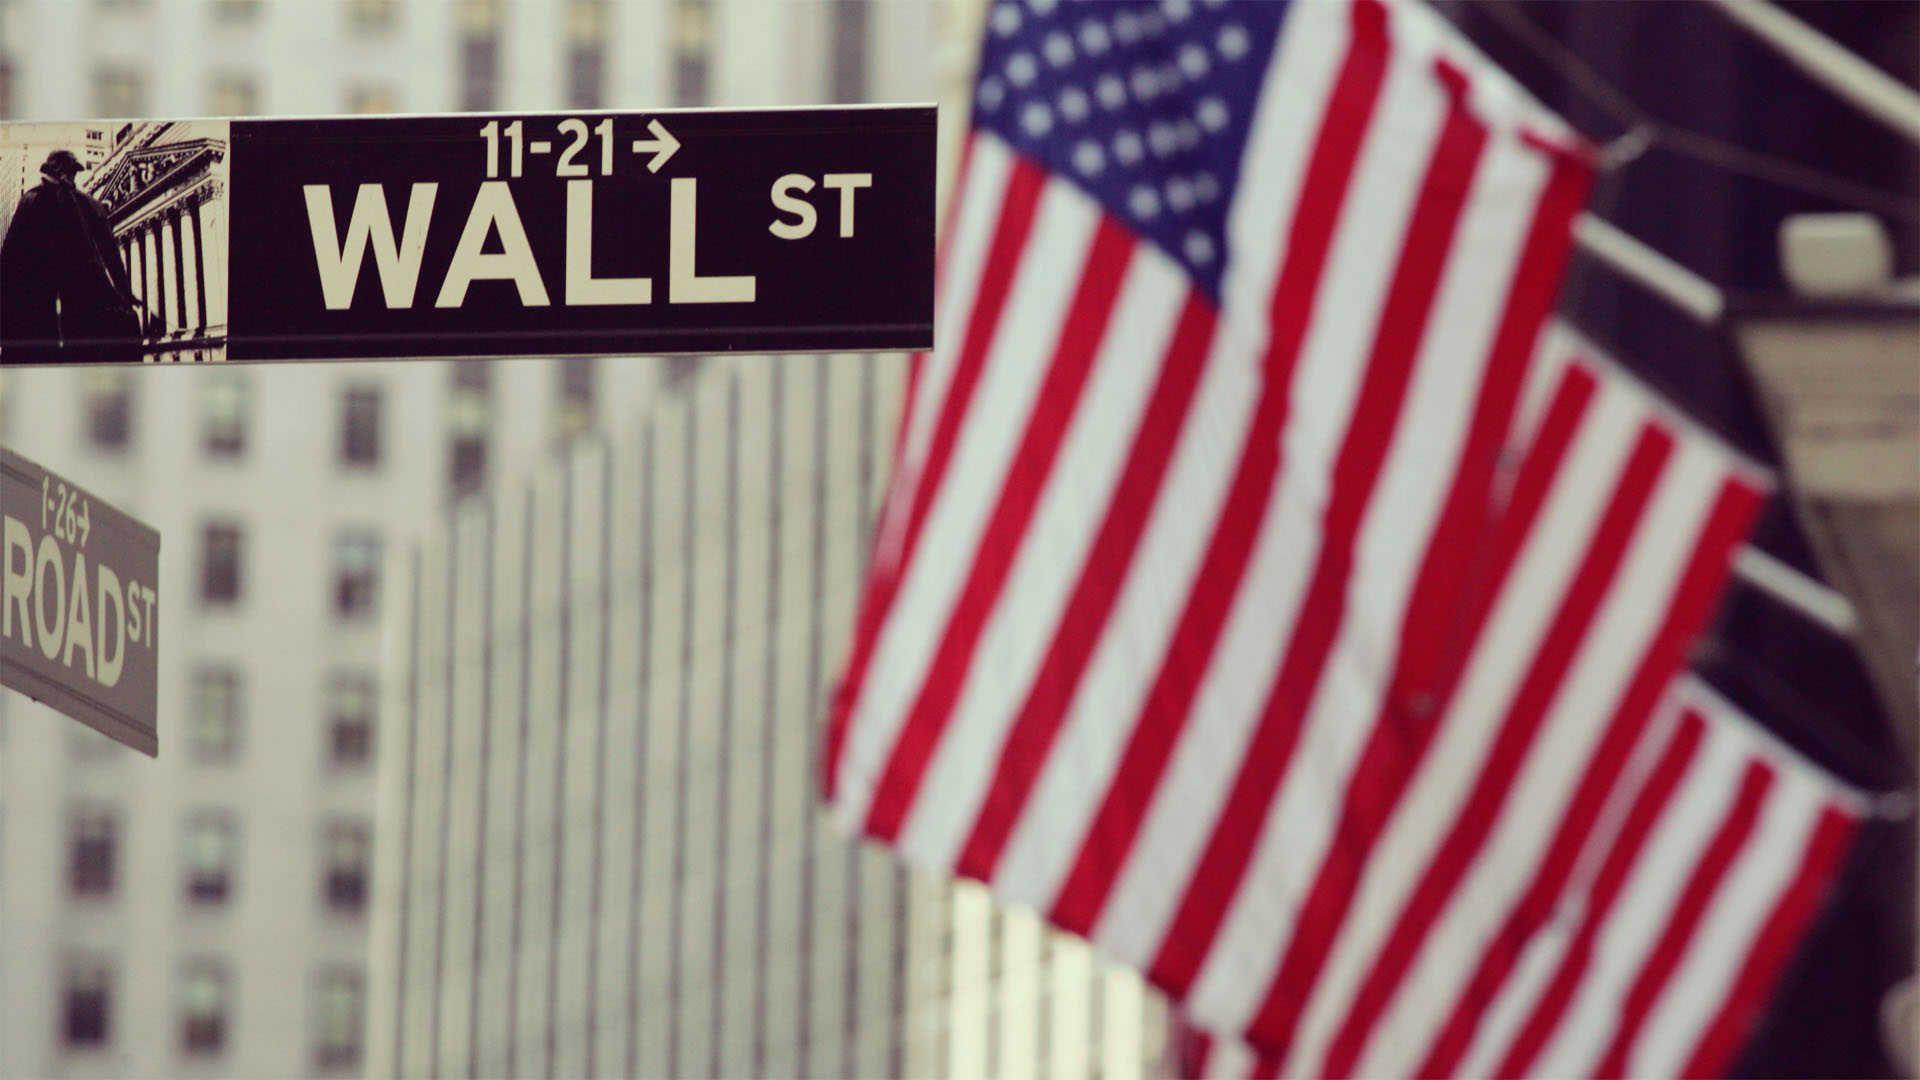 11 21 Wall Street New Stocks